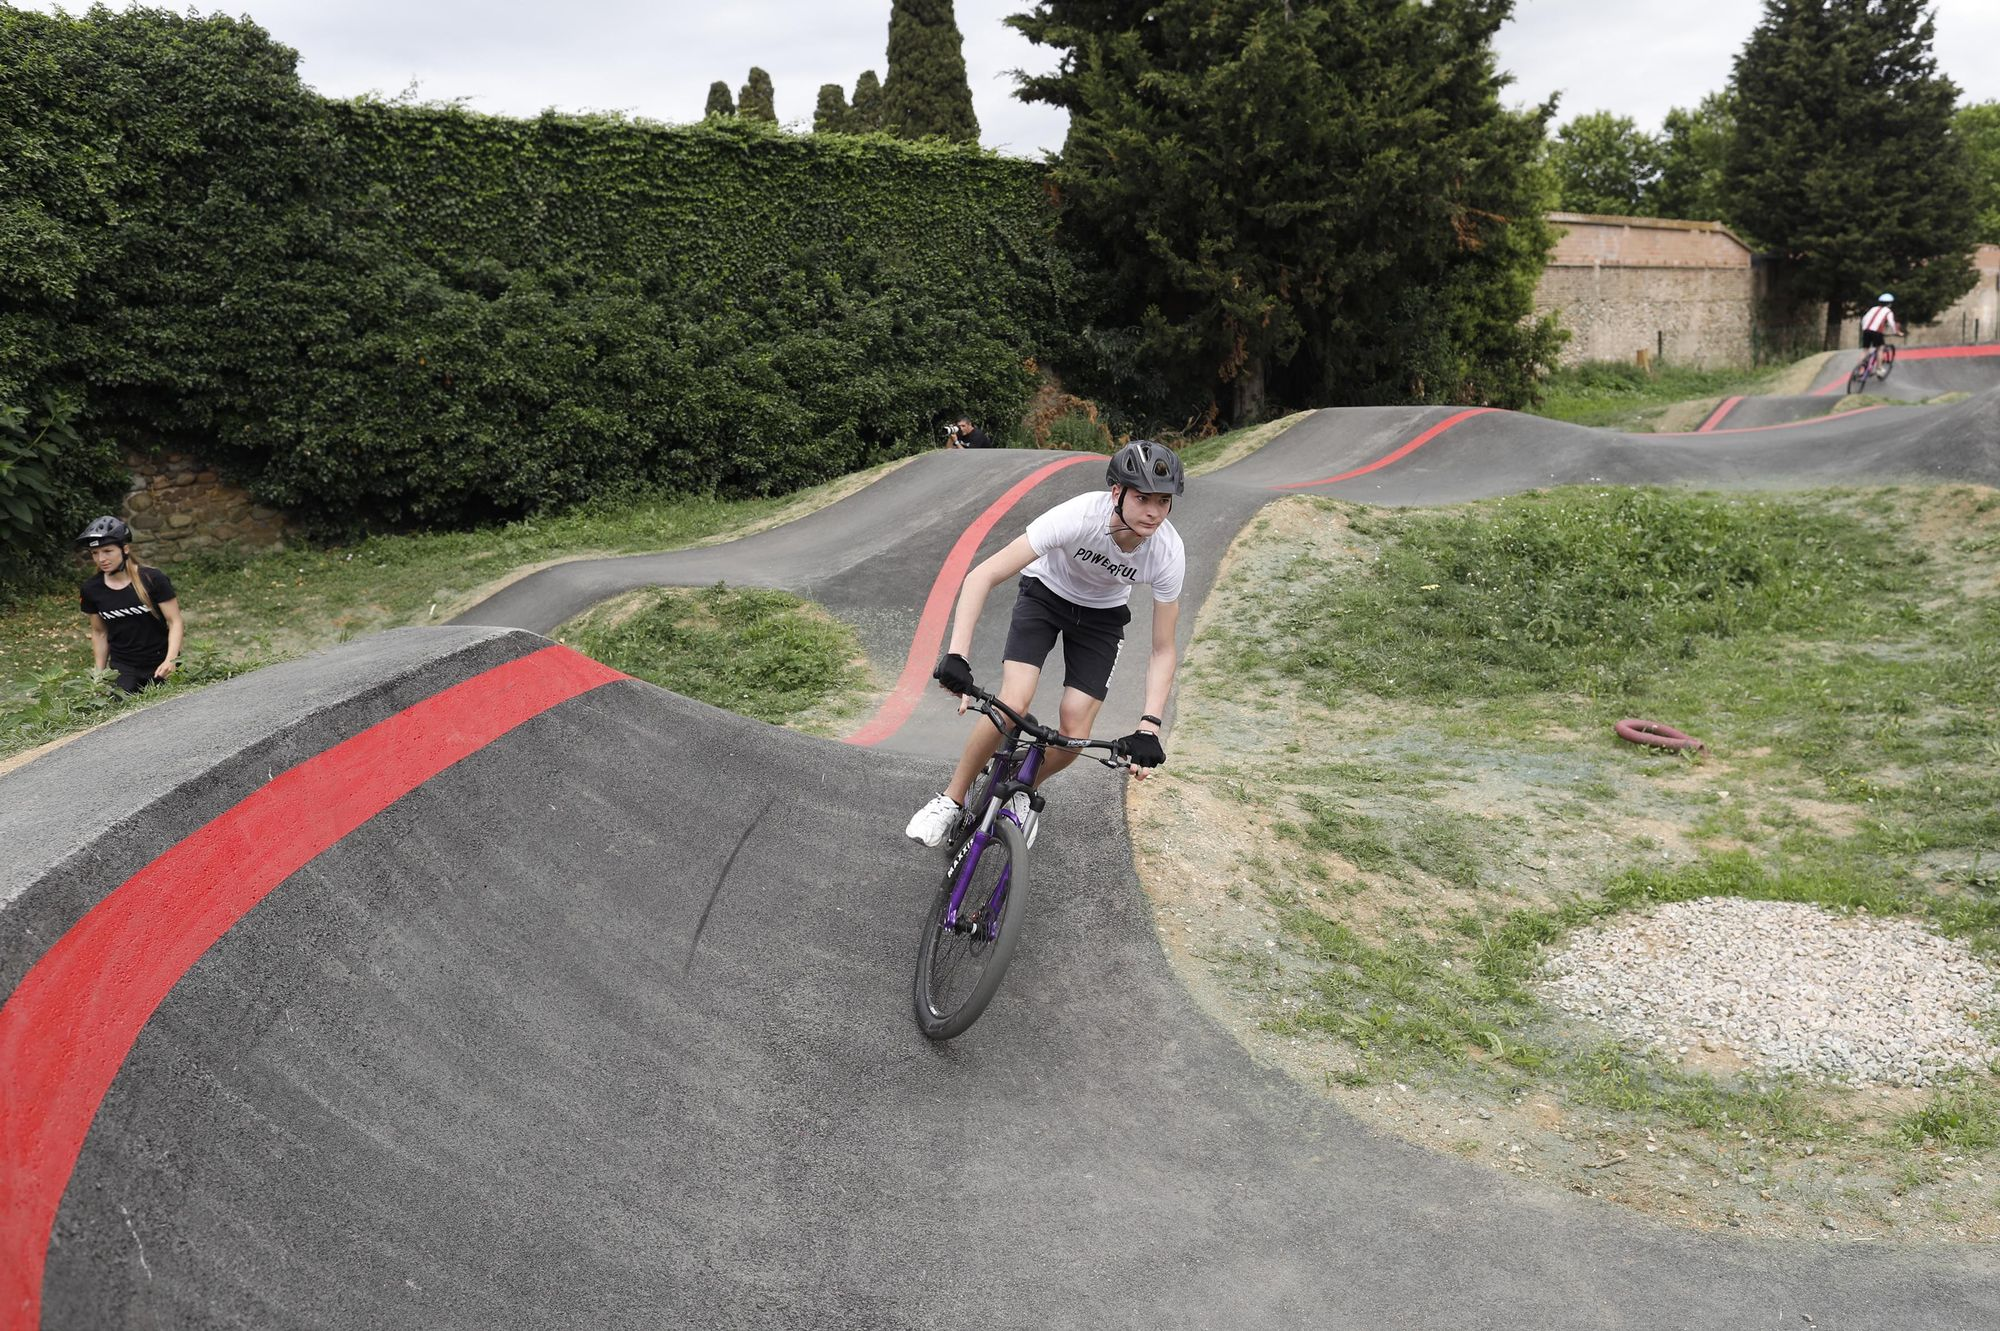 Pump Truck de Salt: el circuit per a bicicletes i patins més gran de Catalunya